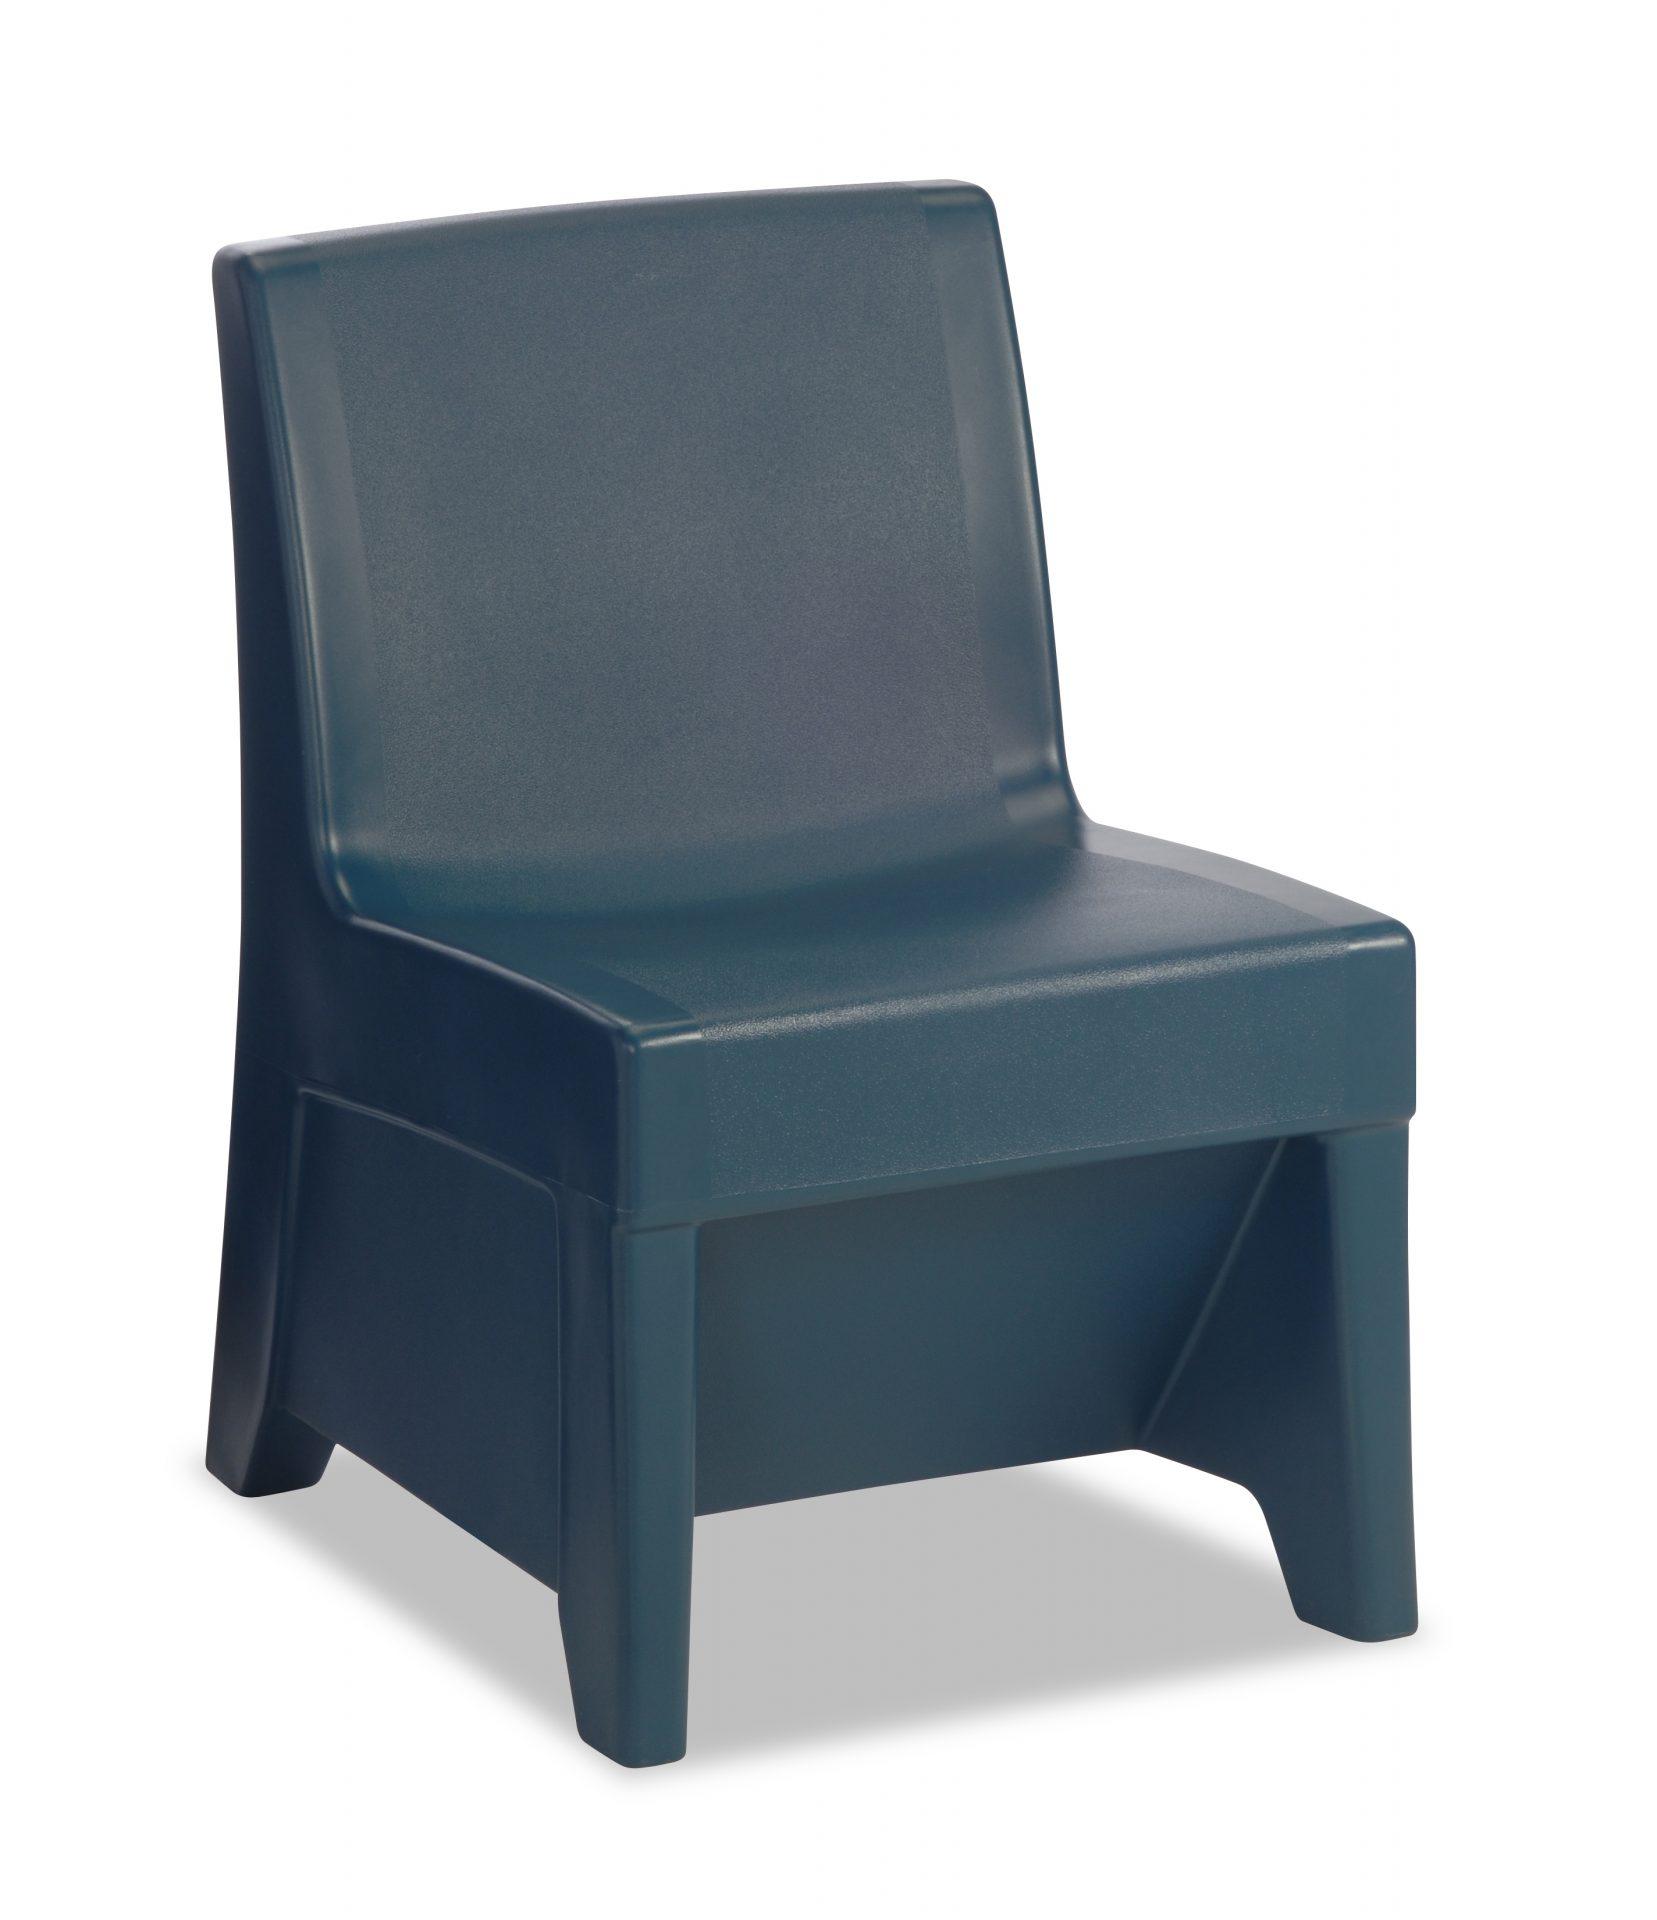 Lagoon color ligature resistant chair